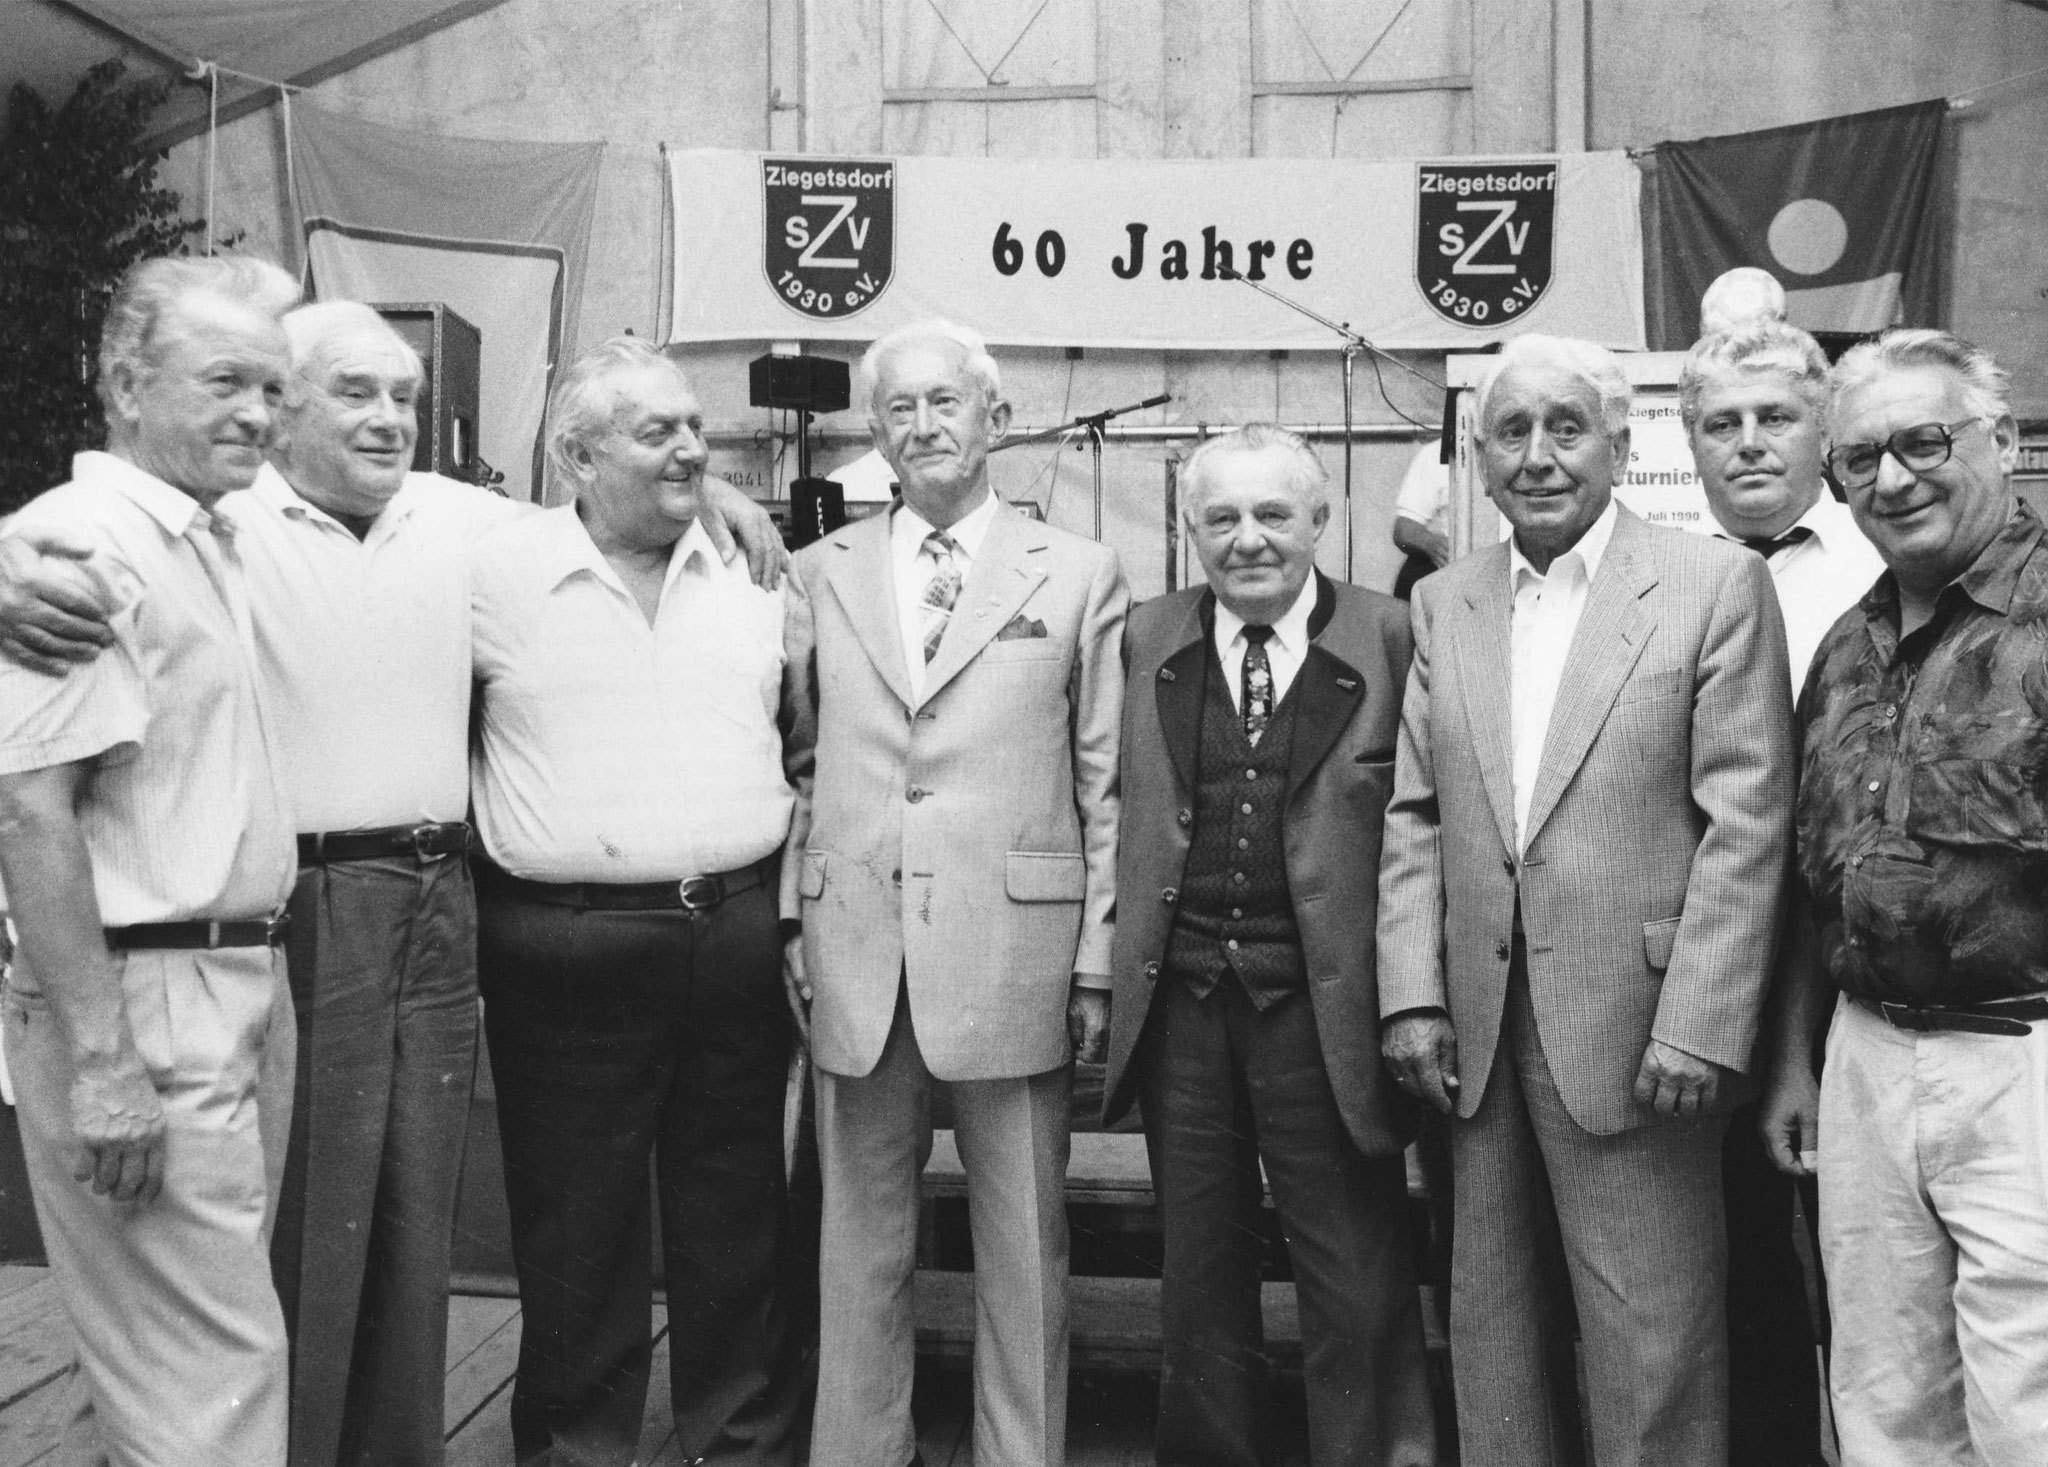 Zum 60-jährigen Jubiläum der SpVgg Ziegetsdorf werden am 26.07.1990 langjährige Mitglieder geehrt (Foto: Glufke/MZ-Archiv)